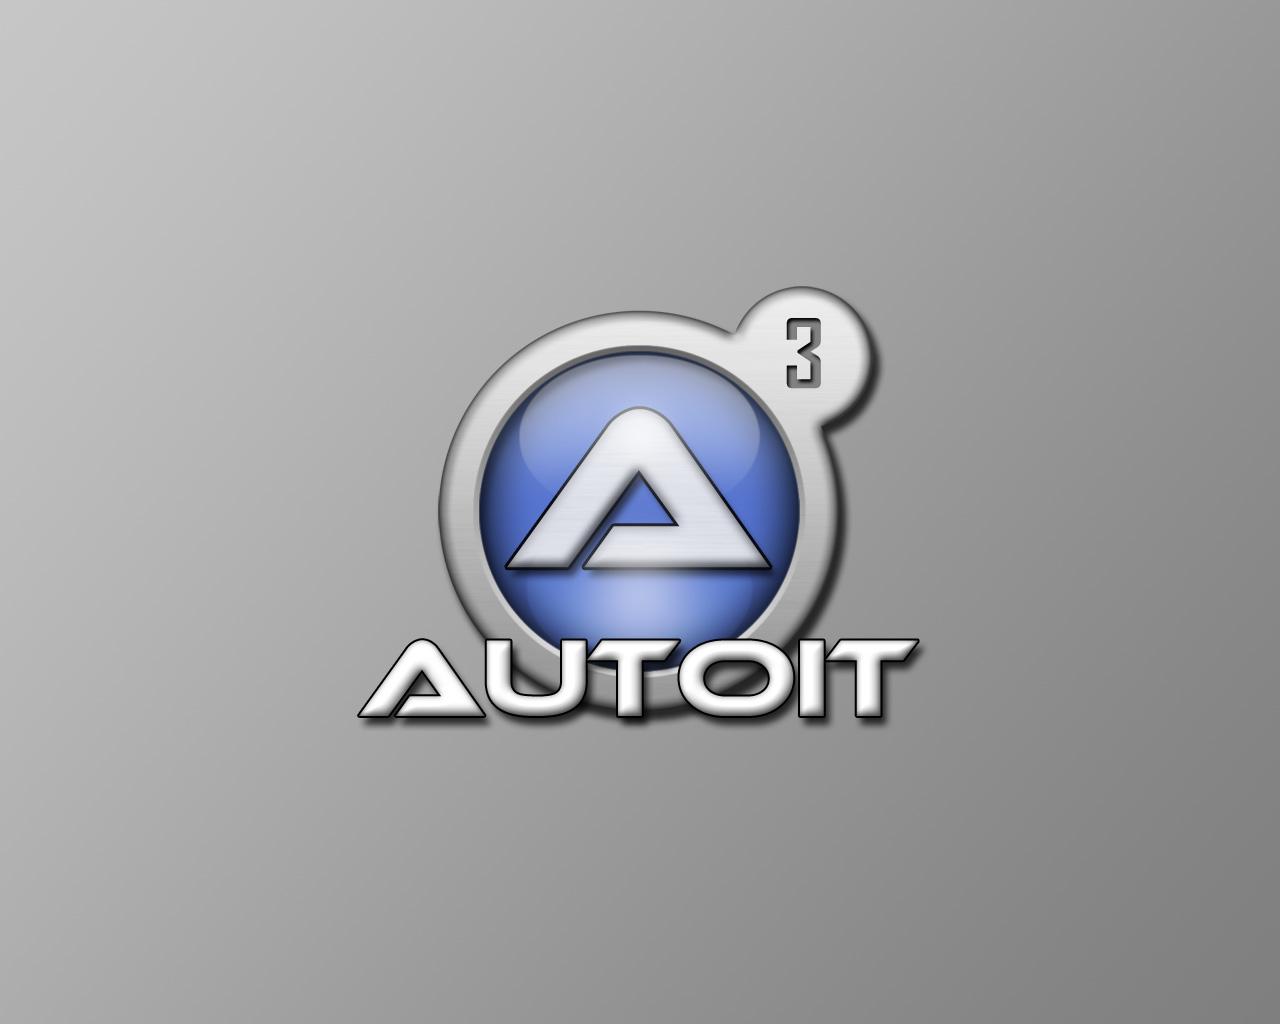 Autoit Graphics Autoit